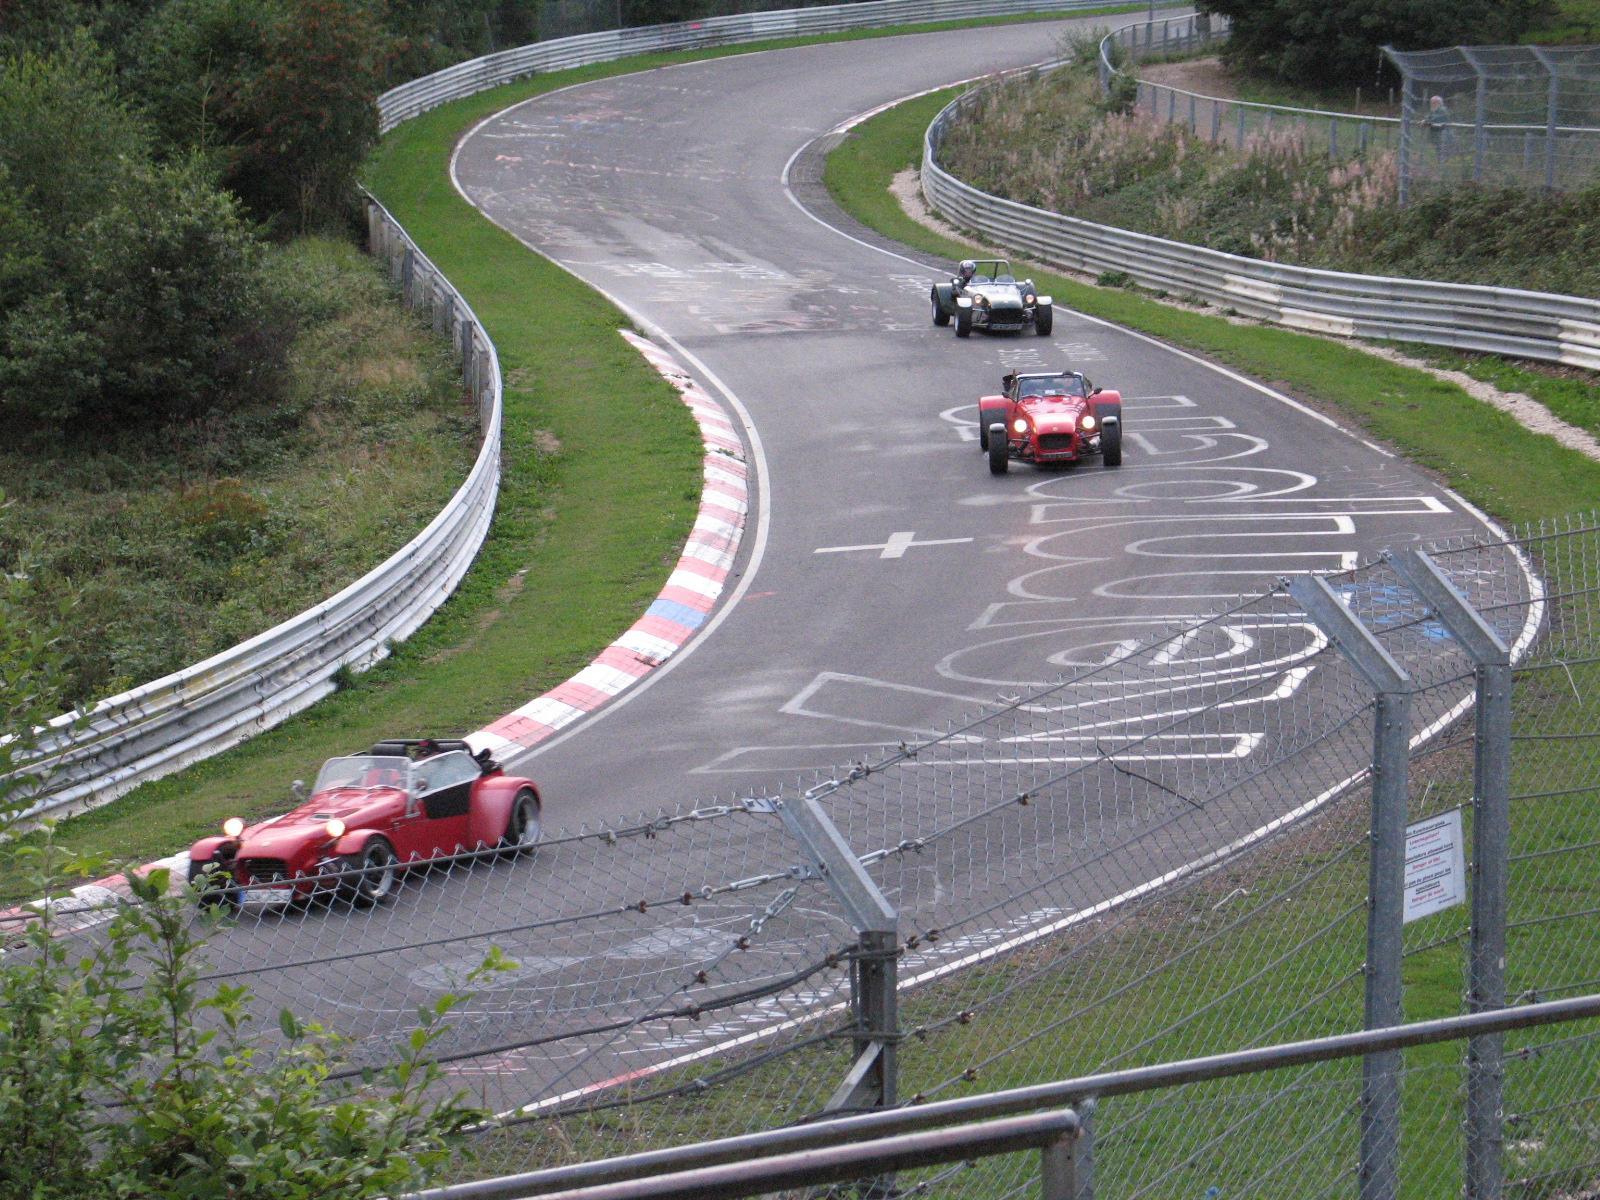 Full-Throttle Race Tracks